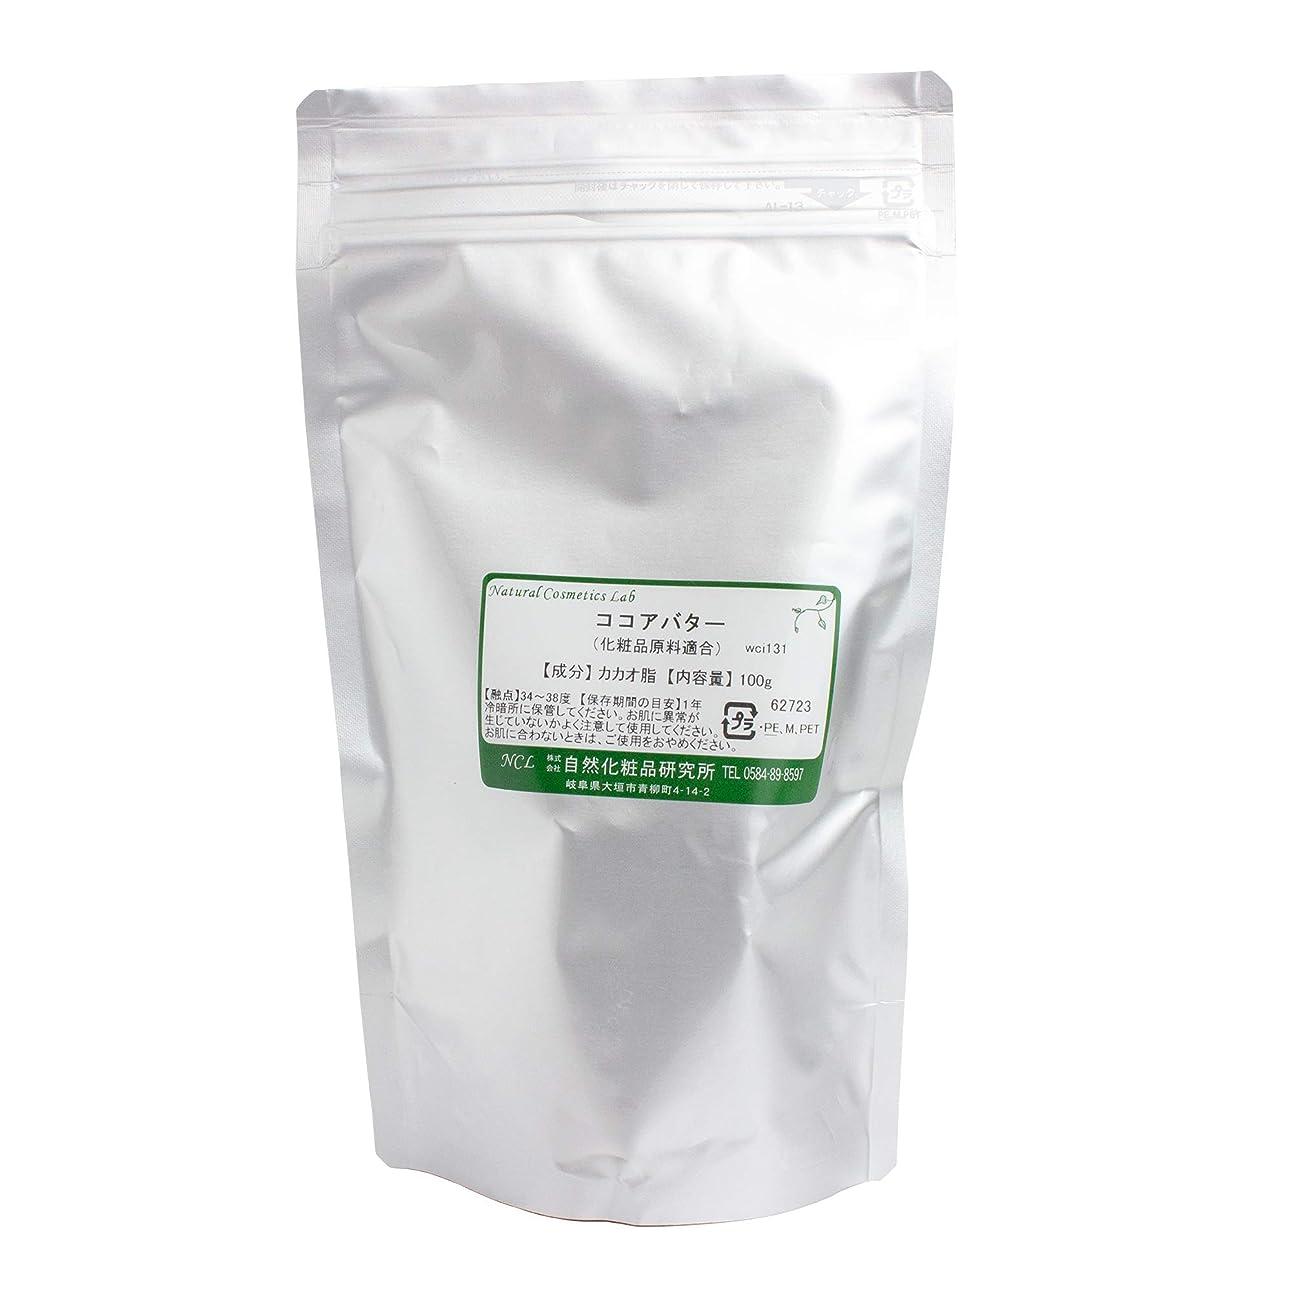 ソーダ水克服するテクトニックココアバター (カカオバター) 100g